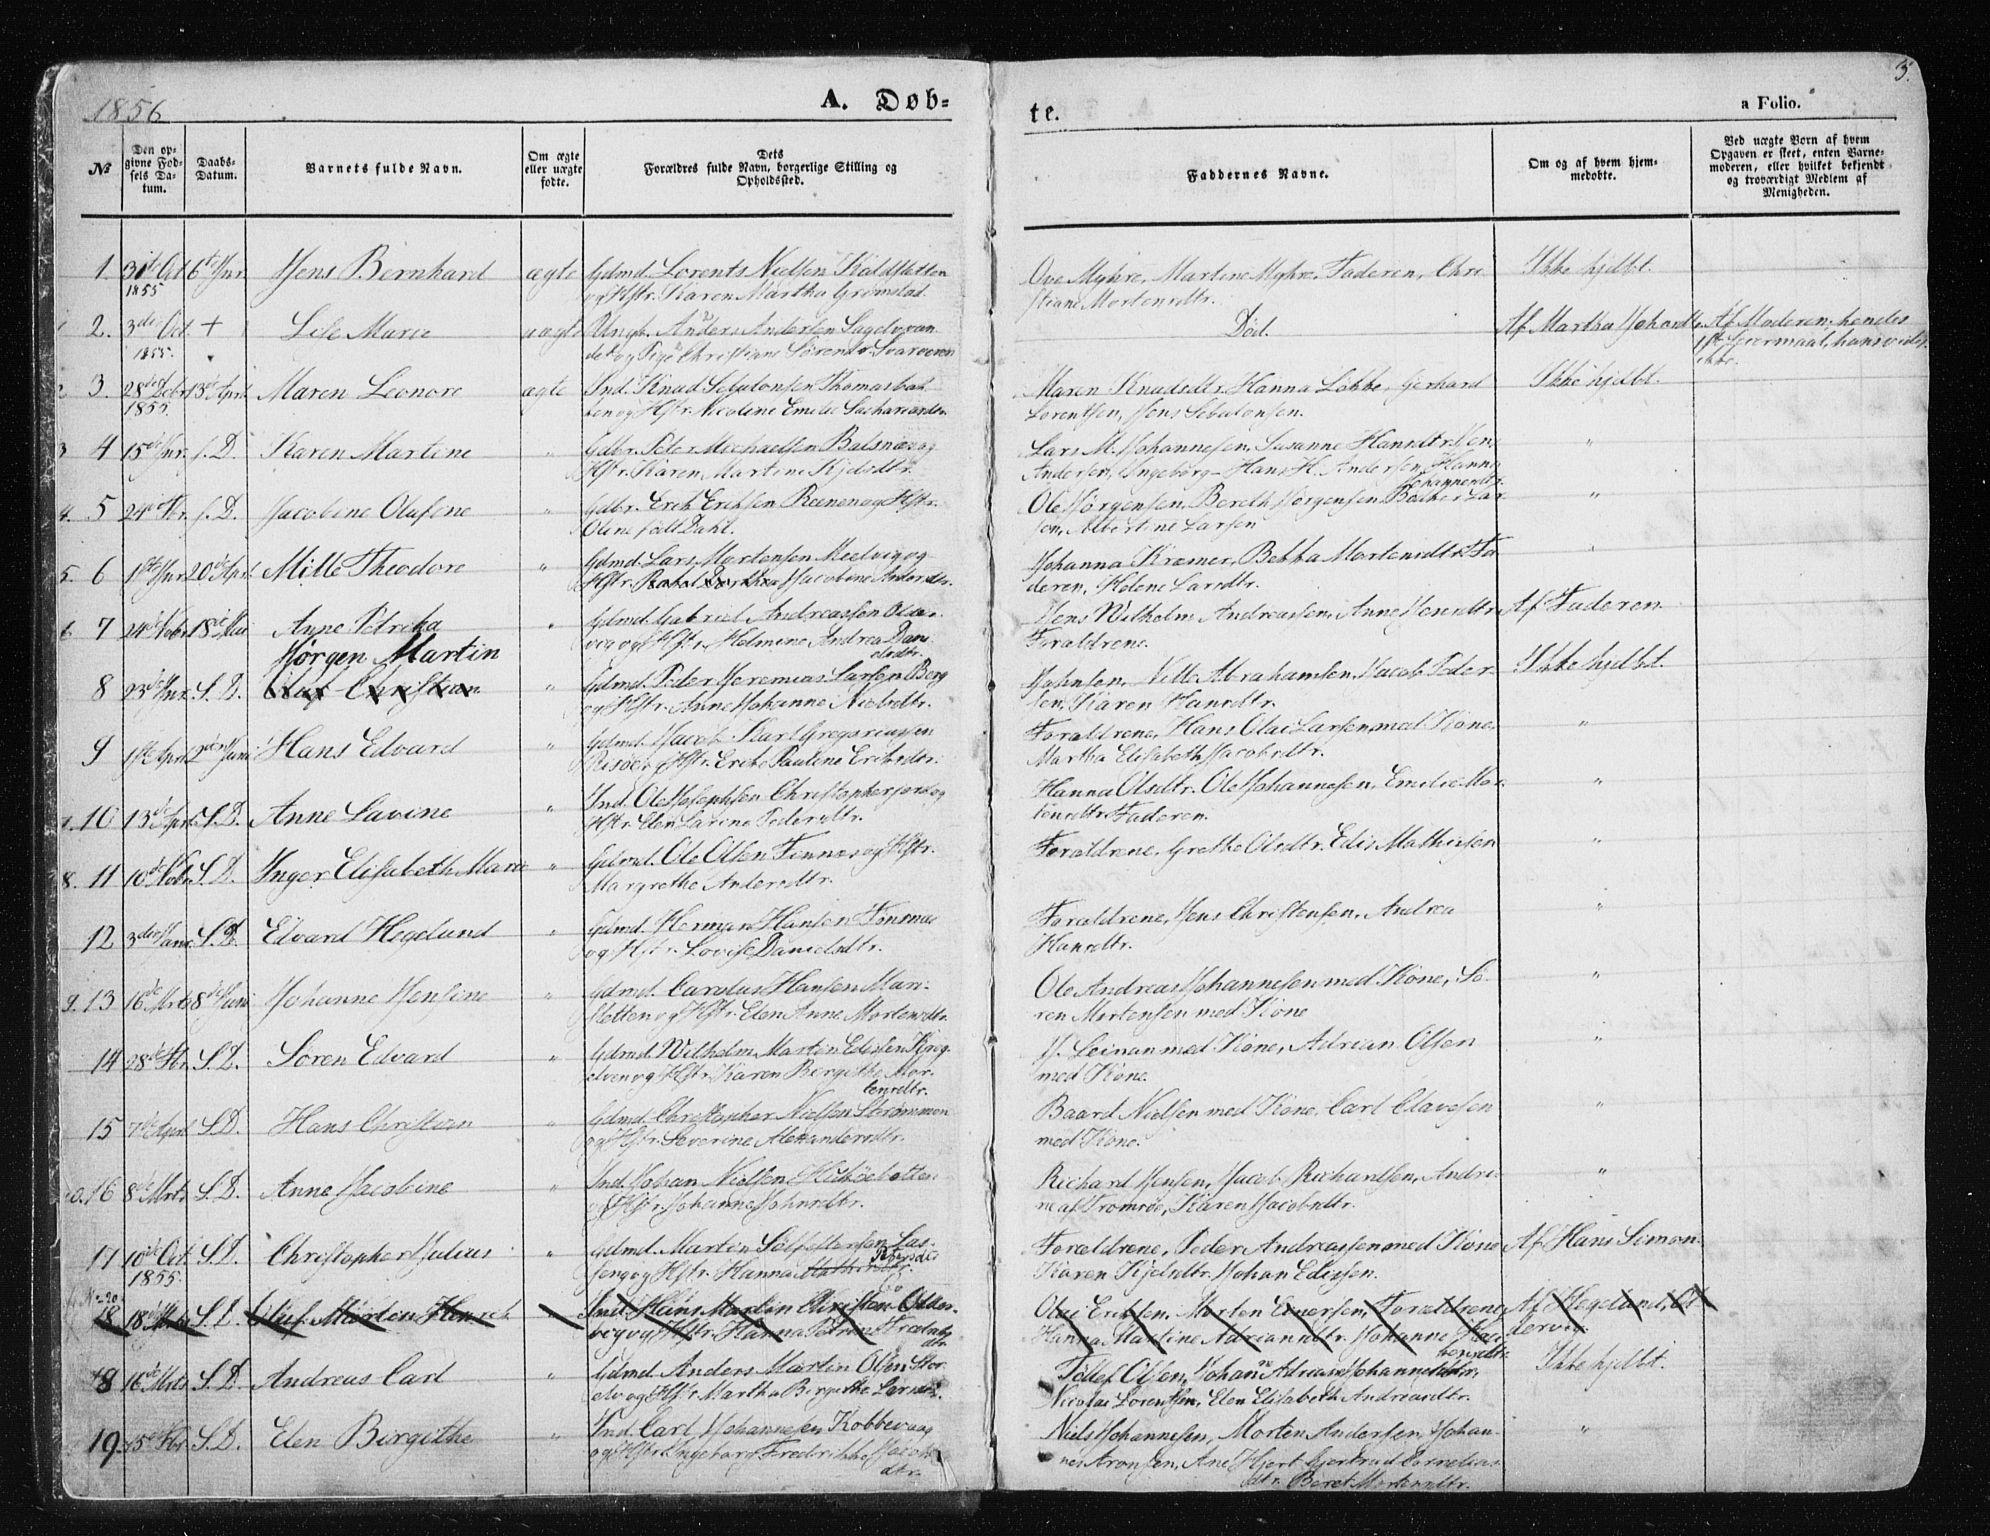 SATØ, Tromsøysund sokneprestkontor, G/Ga/L0001kirke: Ministerialbok nr. 1, 1856-1867, s. 3